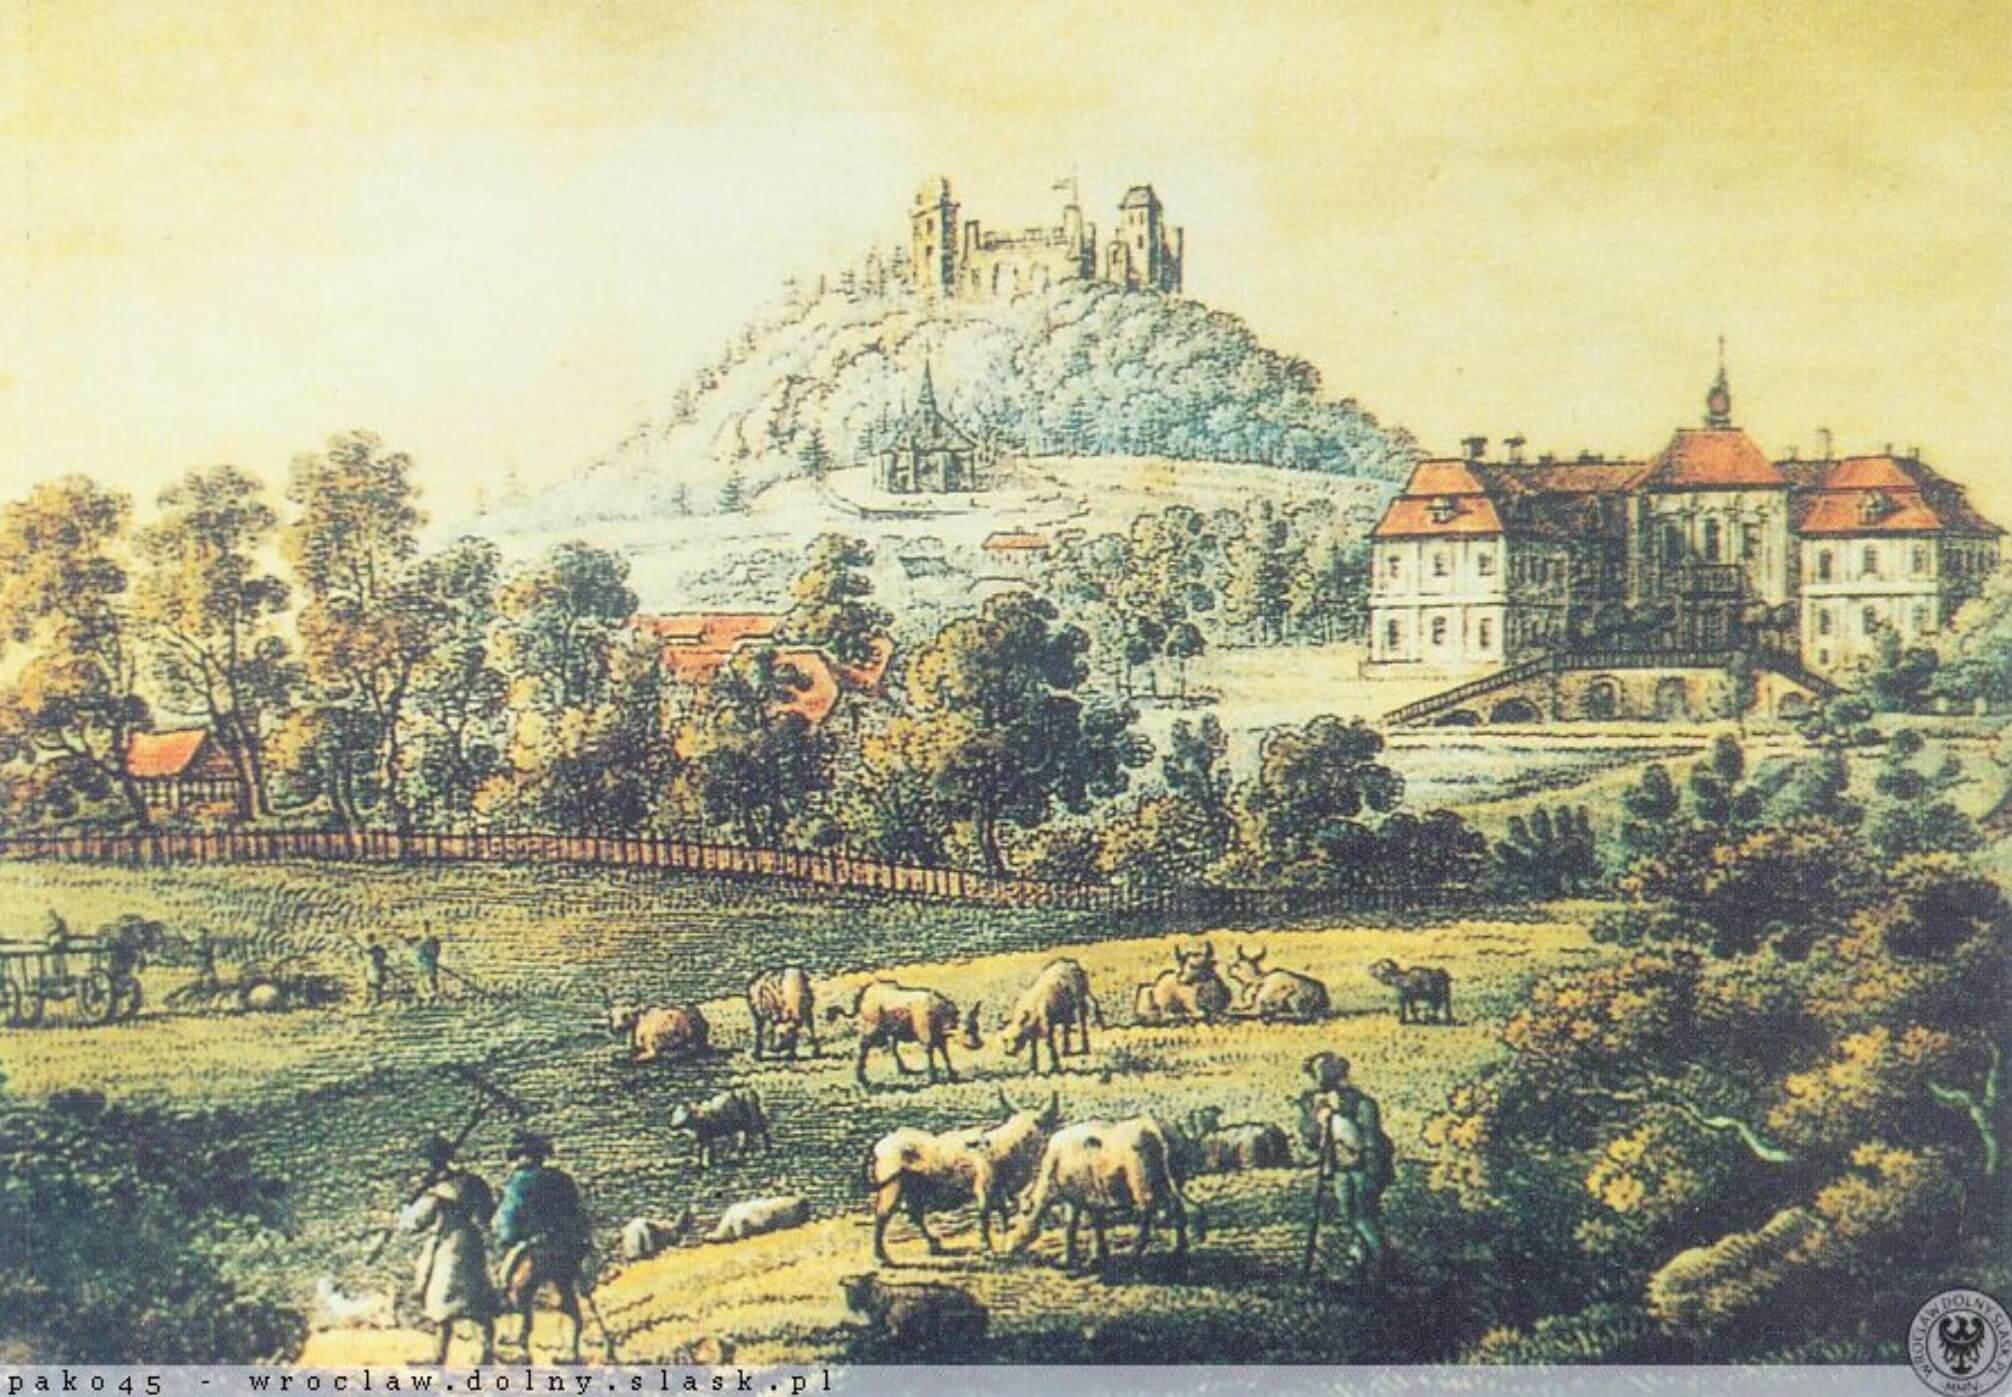 Zamek Na Wzgórzu Grodziec Pałac w Grodźcu Rycina Zdjęcie Archiwalne Co Zobaczyć w Okolicy Parku Krajobrazowego Chełmy2